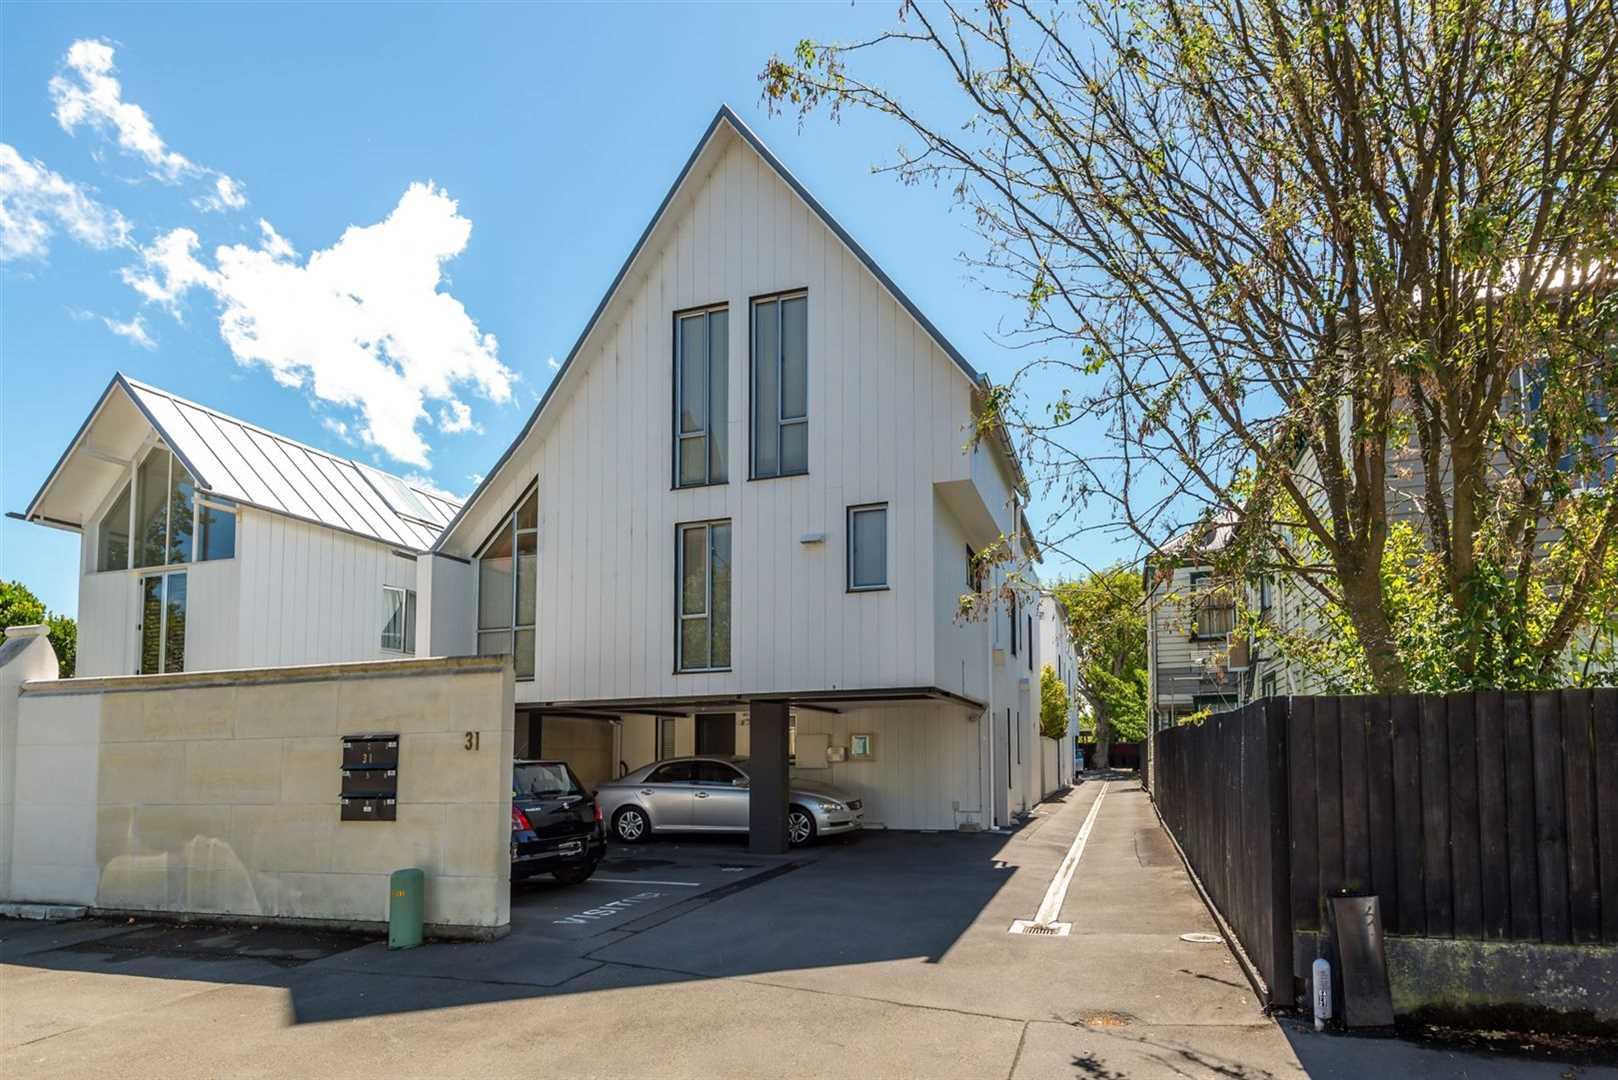 7/31 Gloucester Street, Christchurch Central